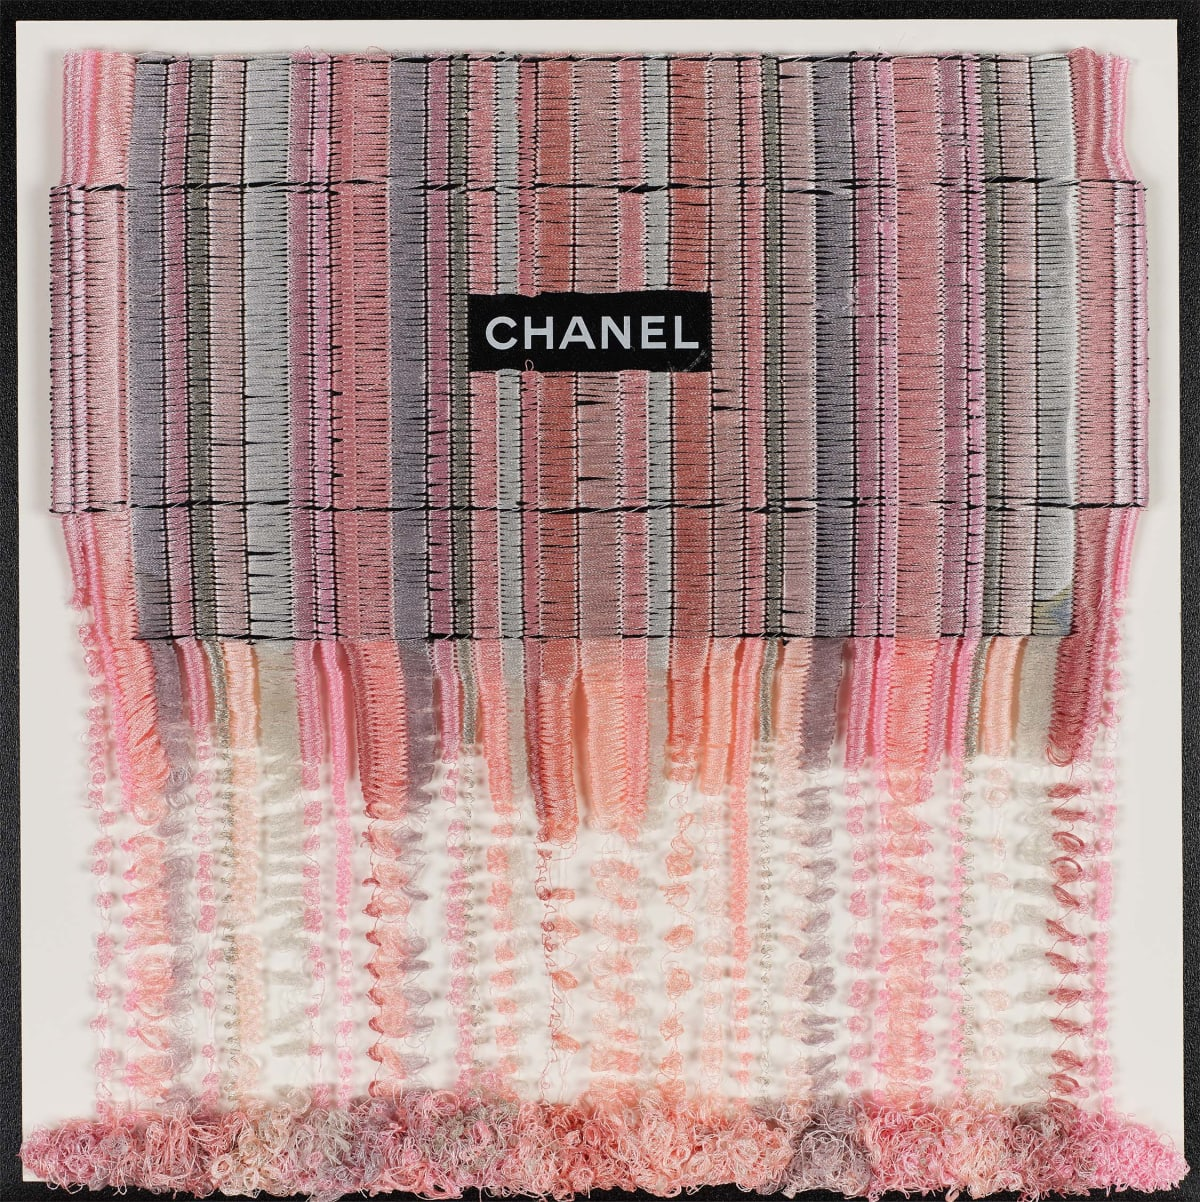 Stephen Wilson, Chanel Blush Drip, 2019